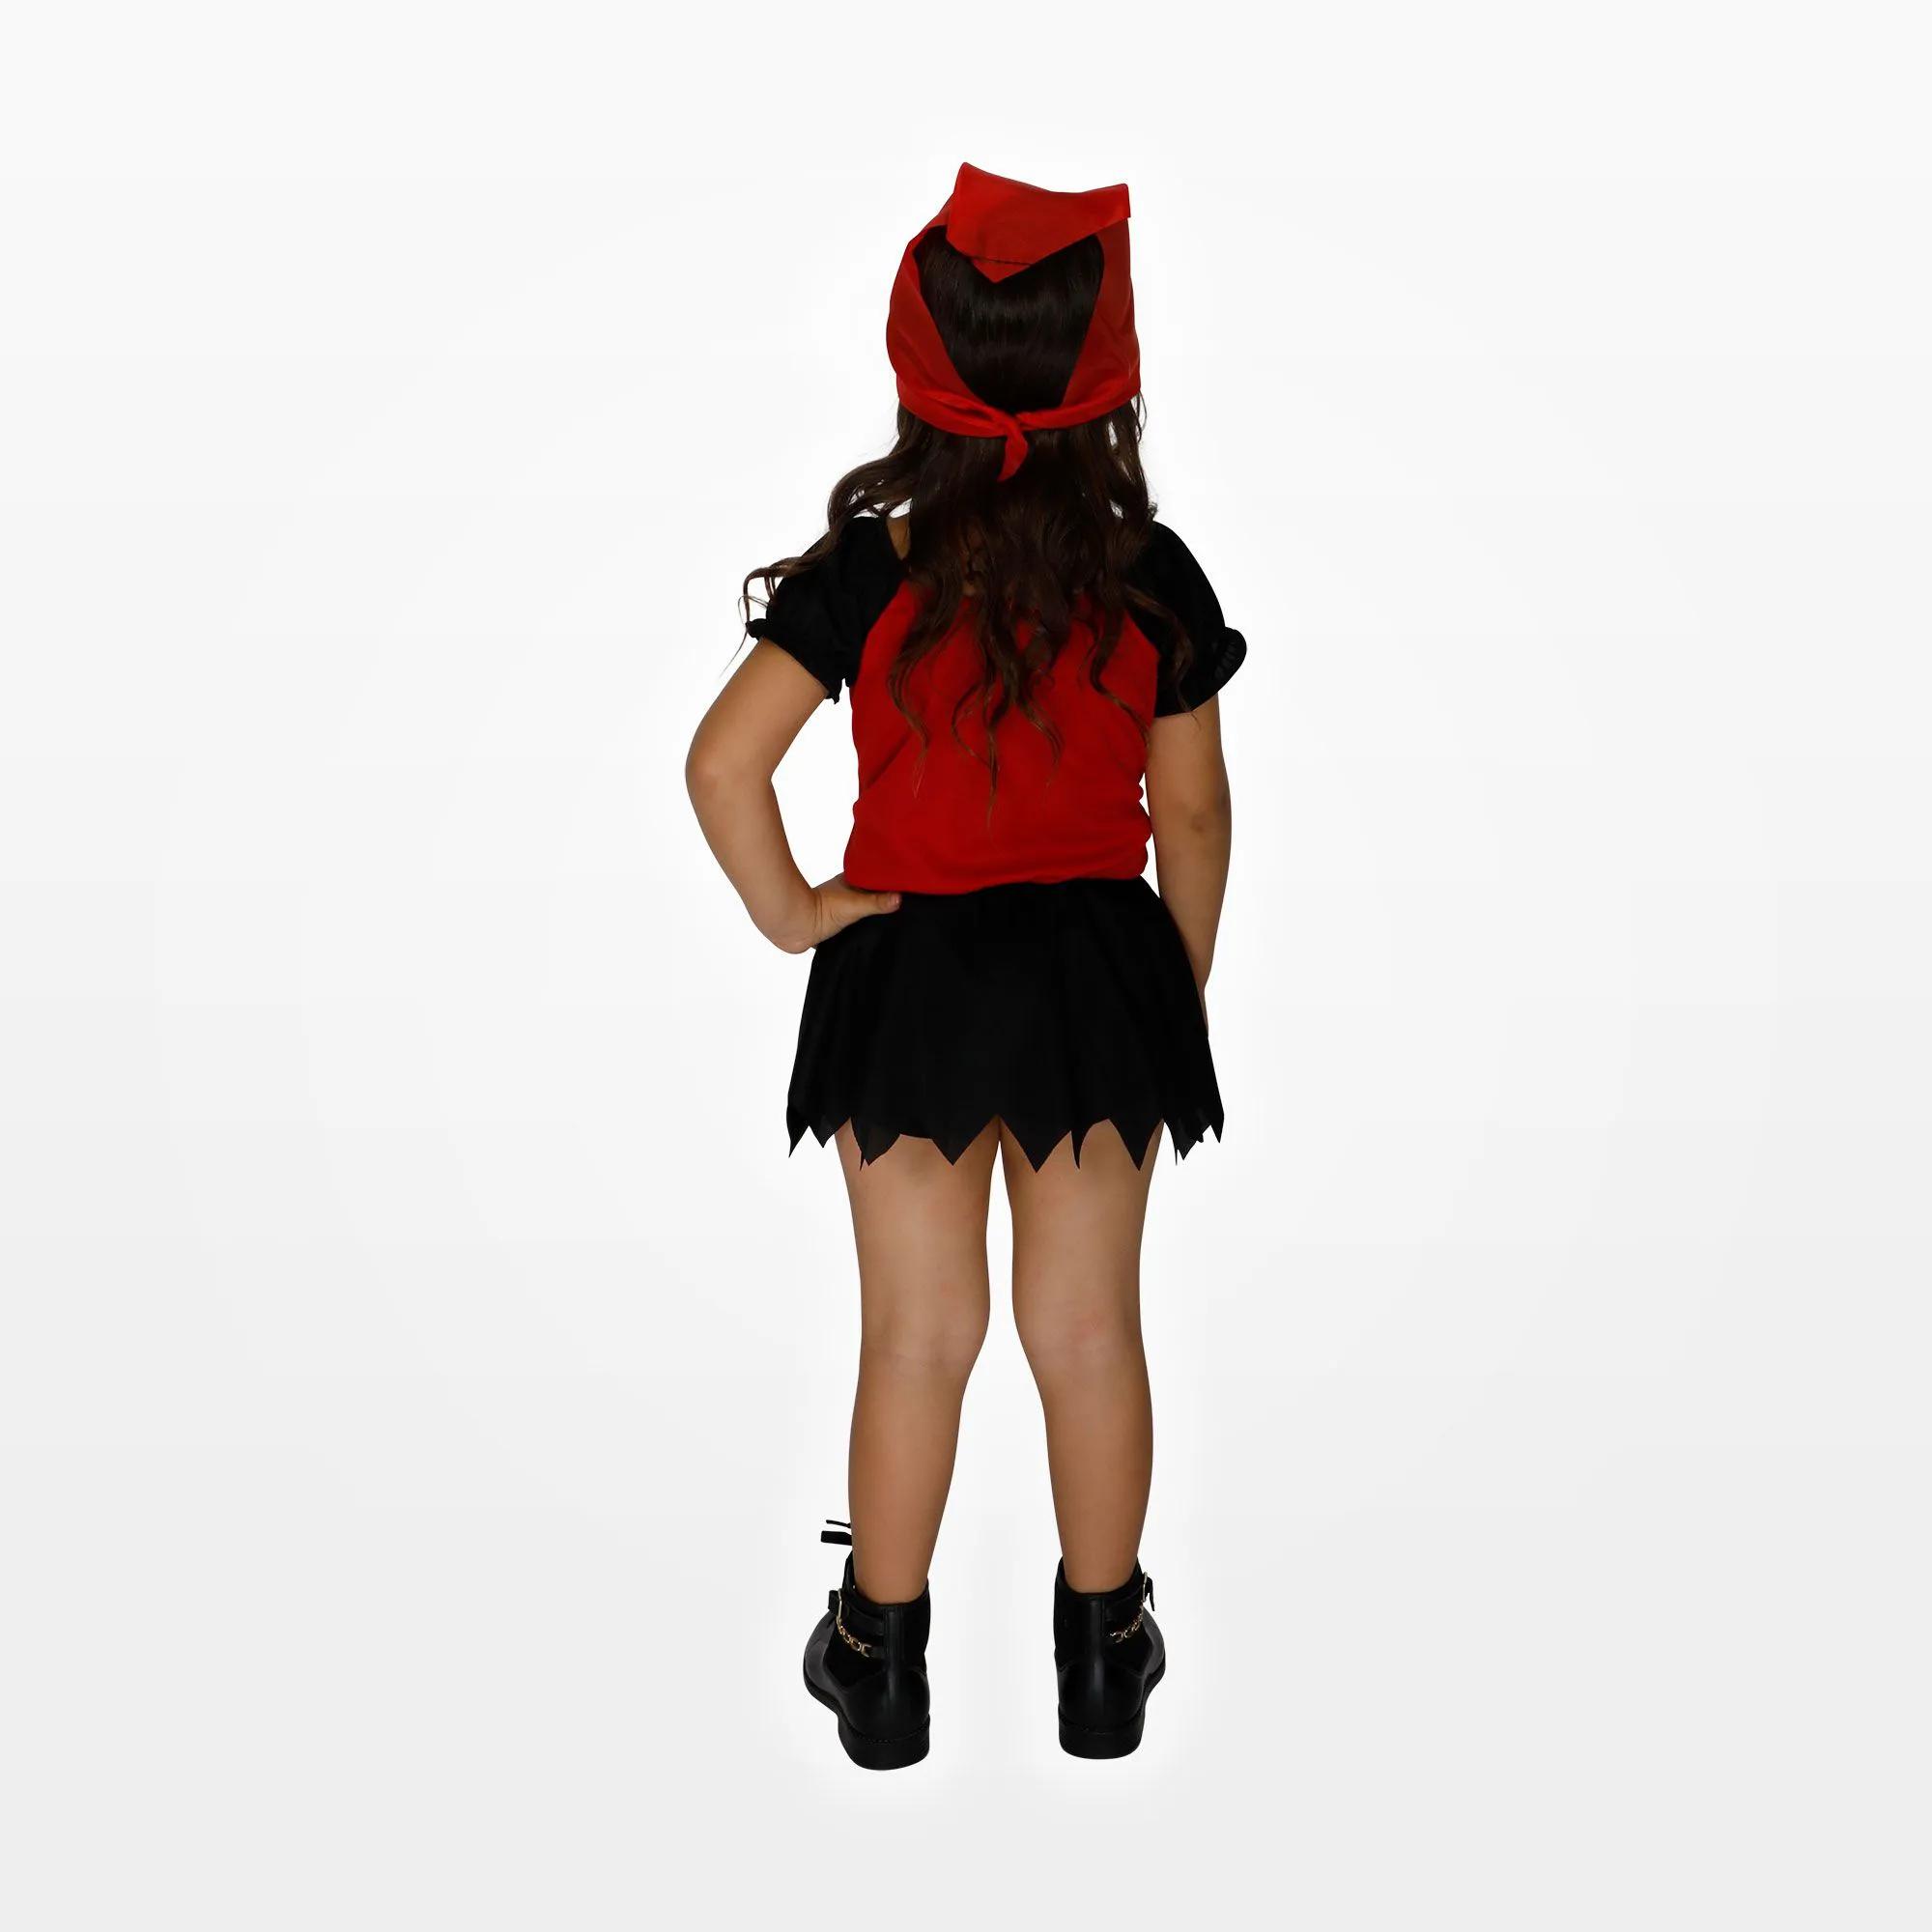 Fantasia de Pirata Infantil Feminino